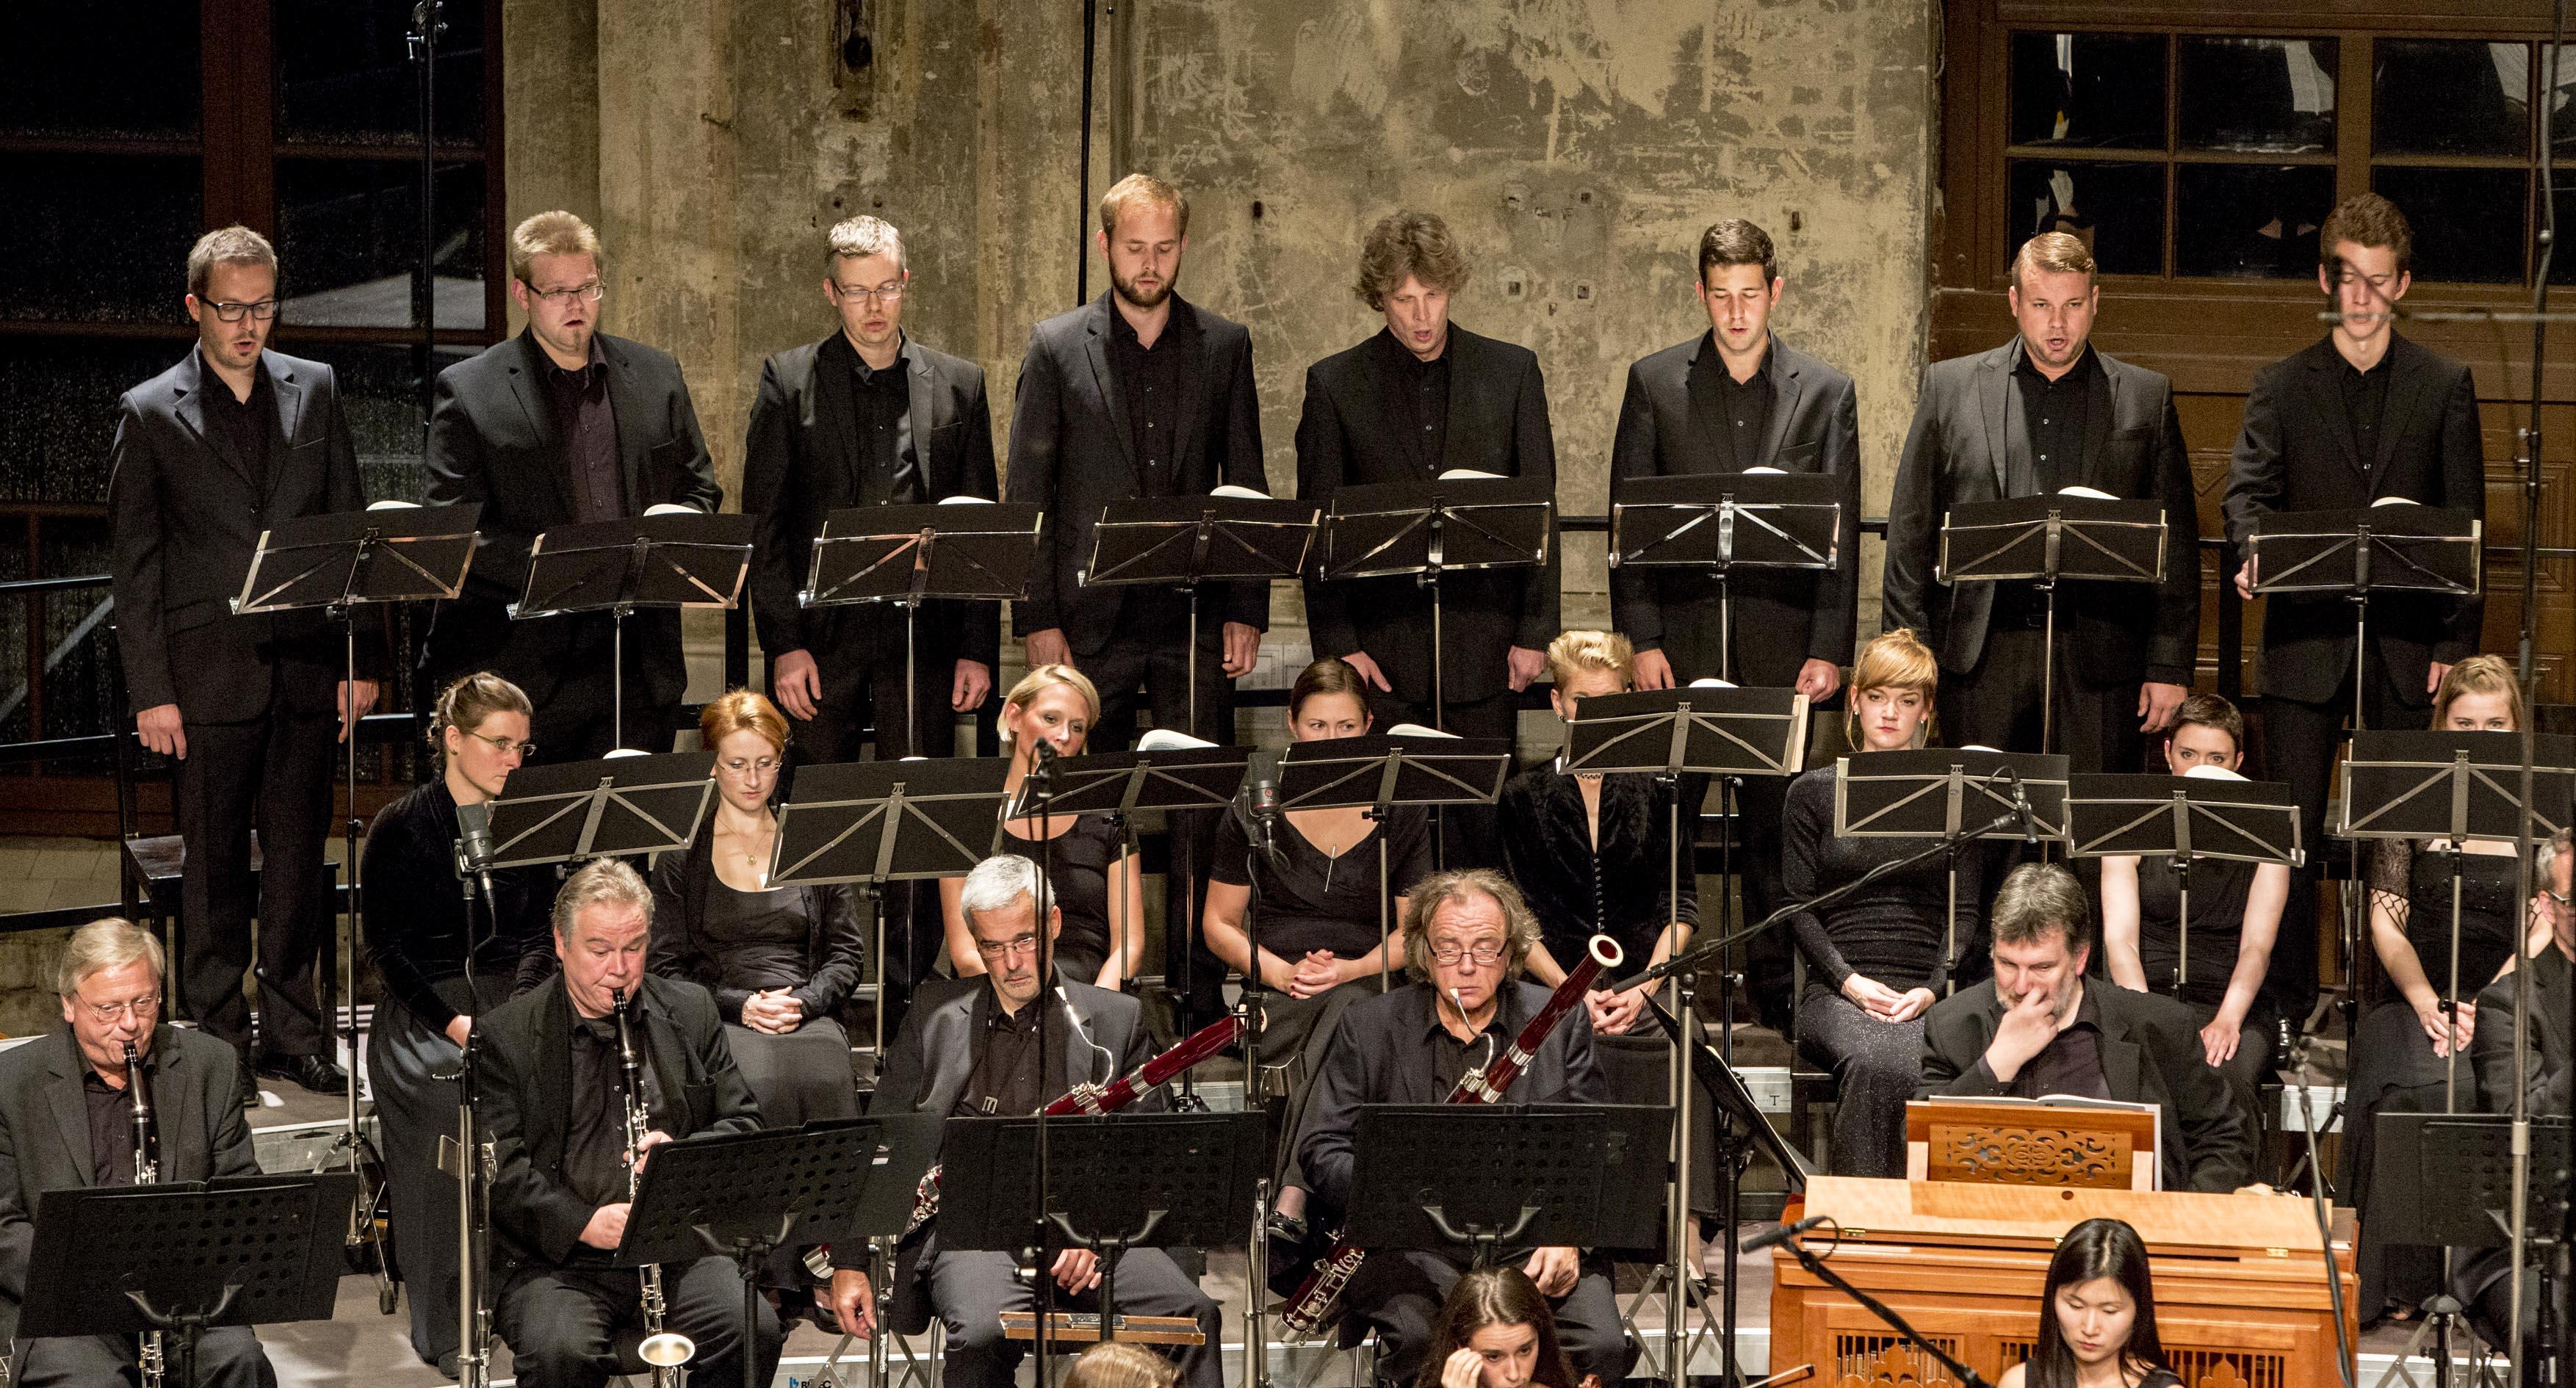 06-mozart-requiem-sieben-klangraeume-florian-helgath-chorwerk-ruhr-bochumer-symphoniker-ruhrtriennale-2015-c-pedro-malinowski-6